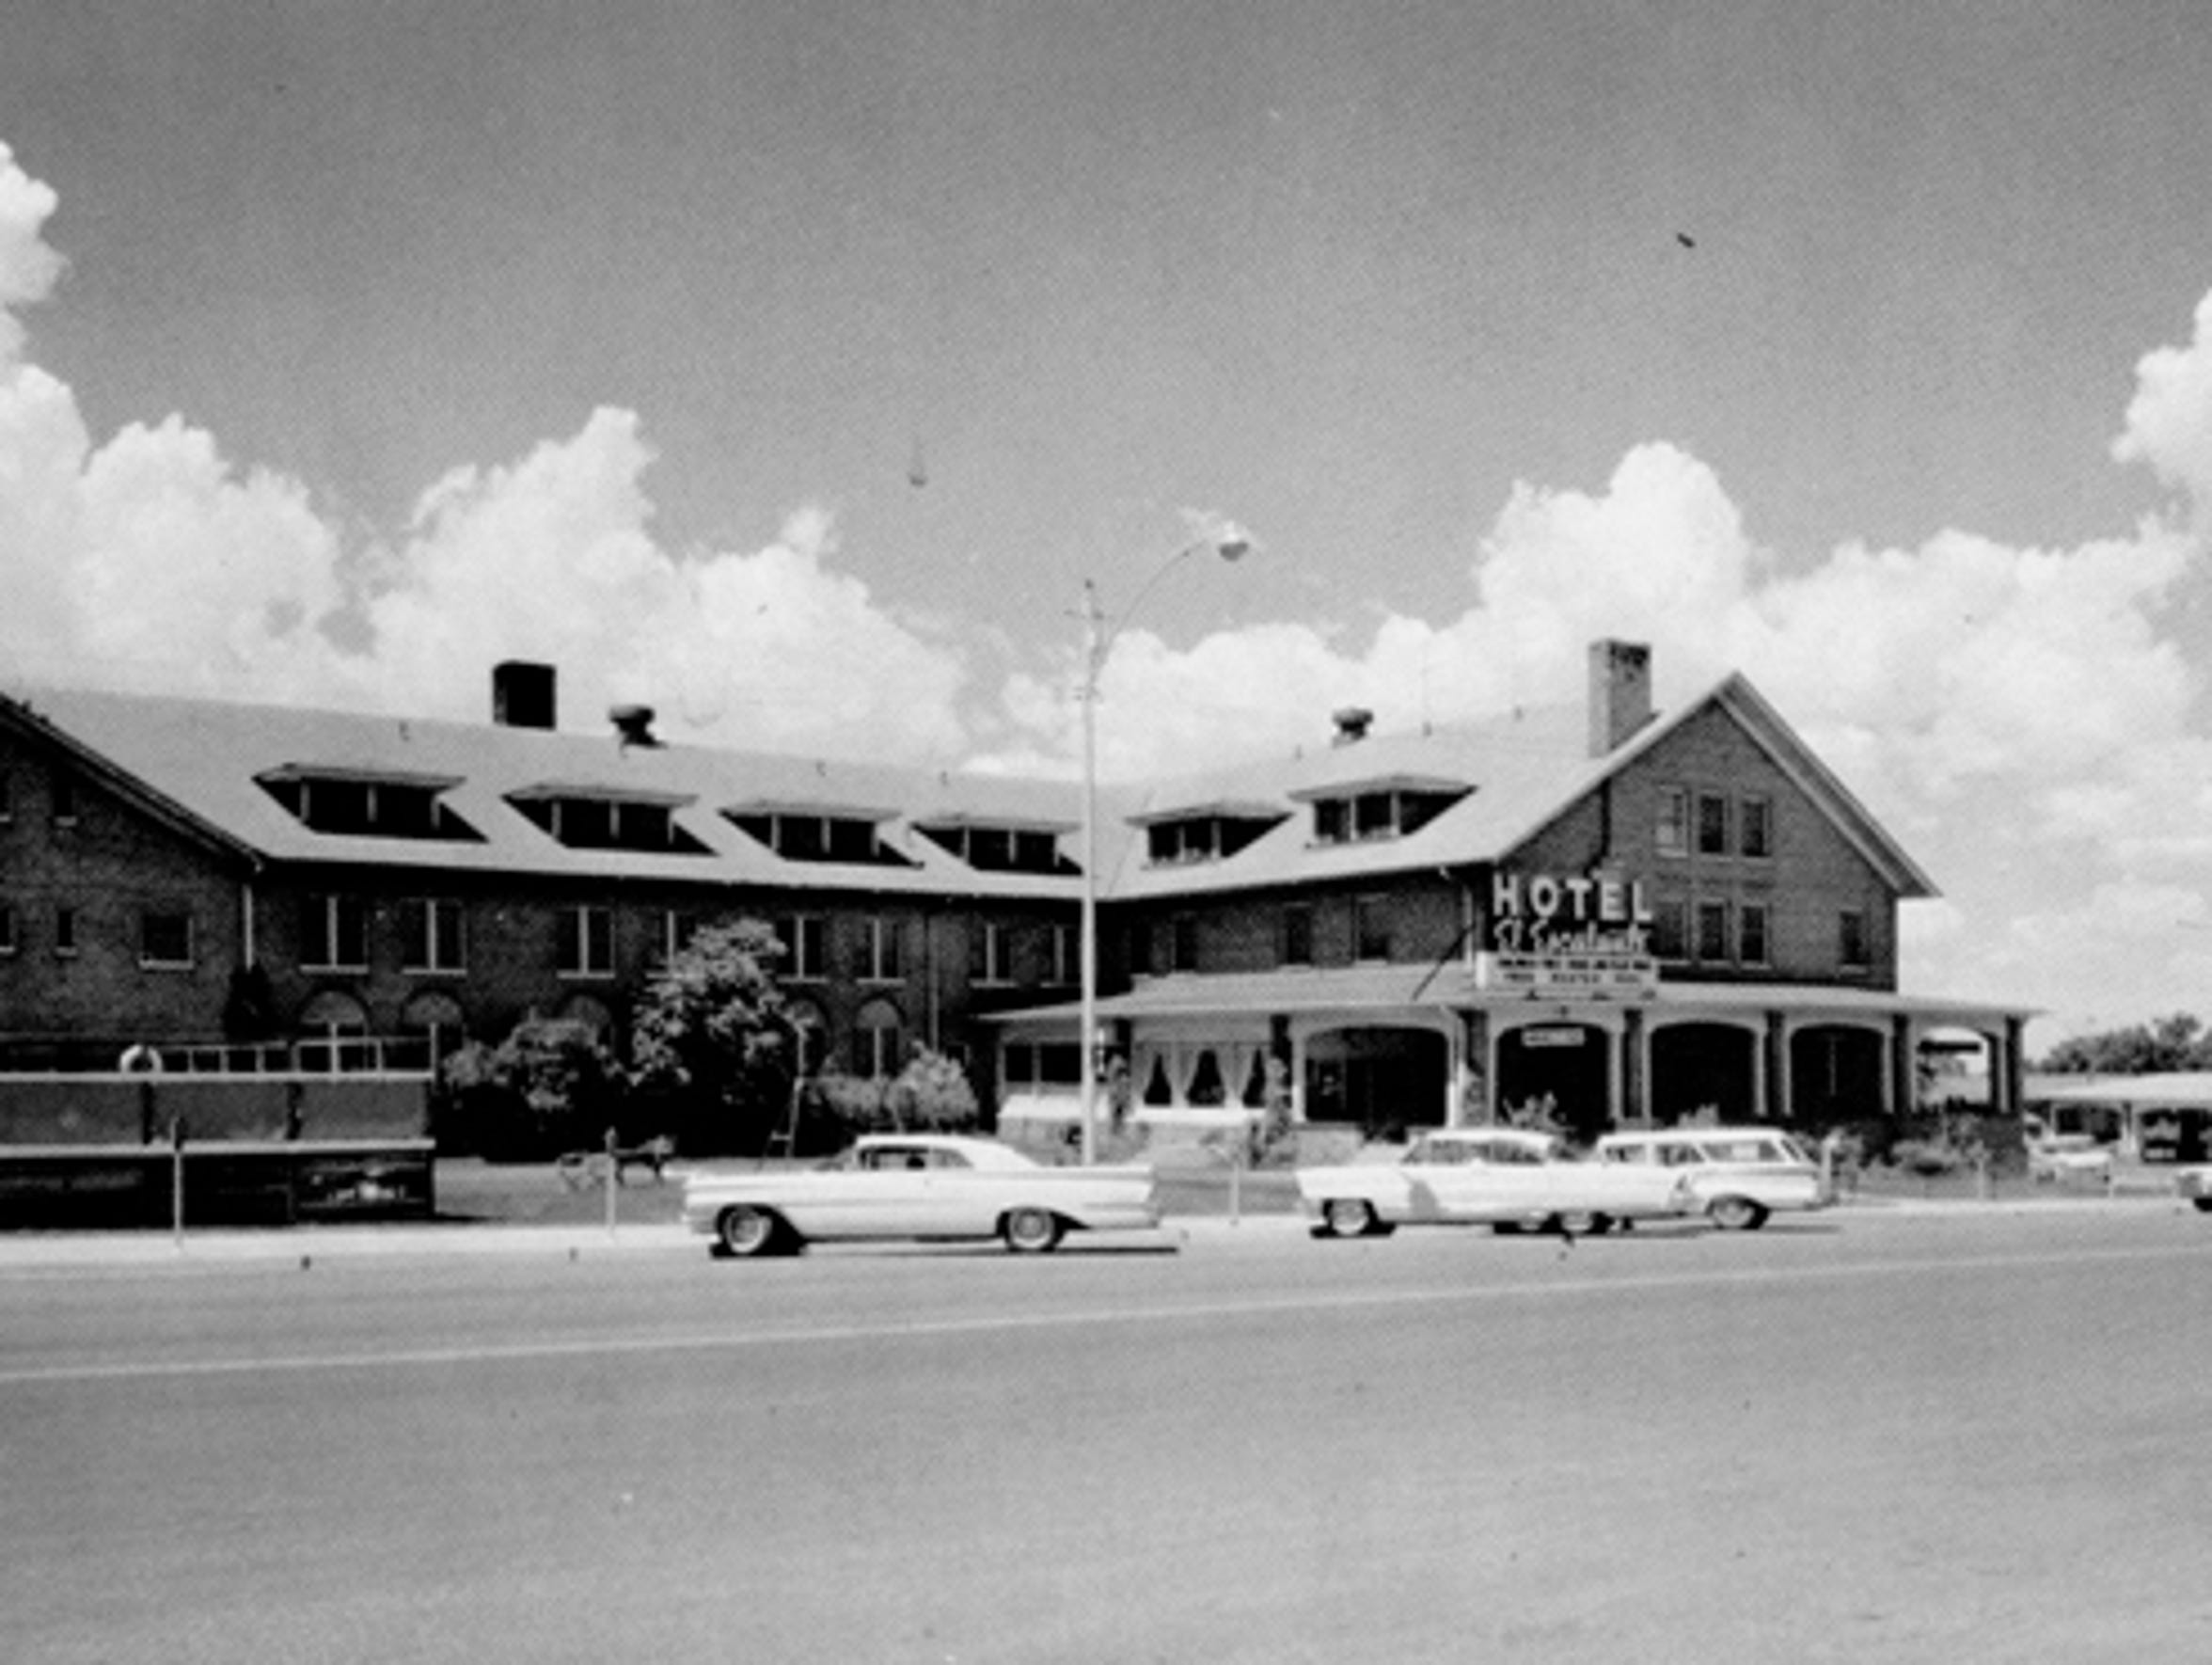 A historical image of the El Escalante Hotel.